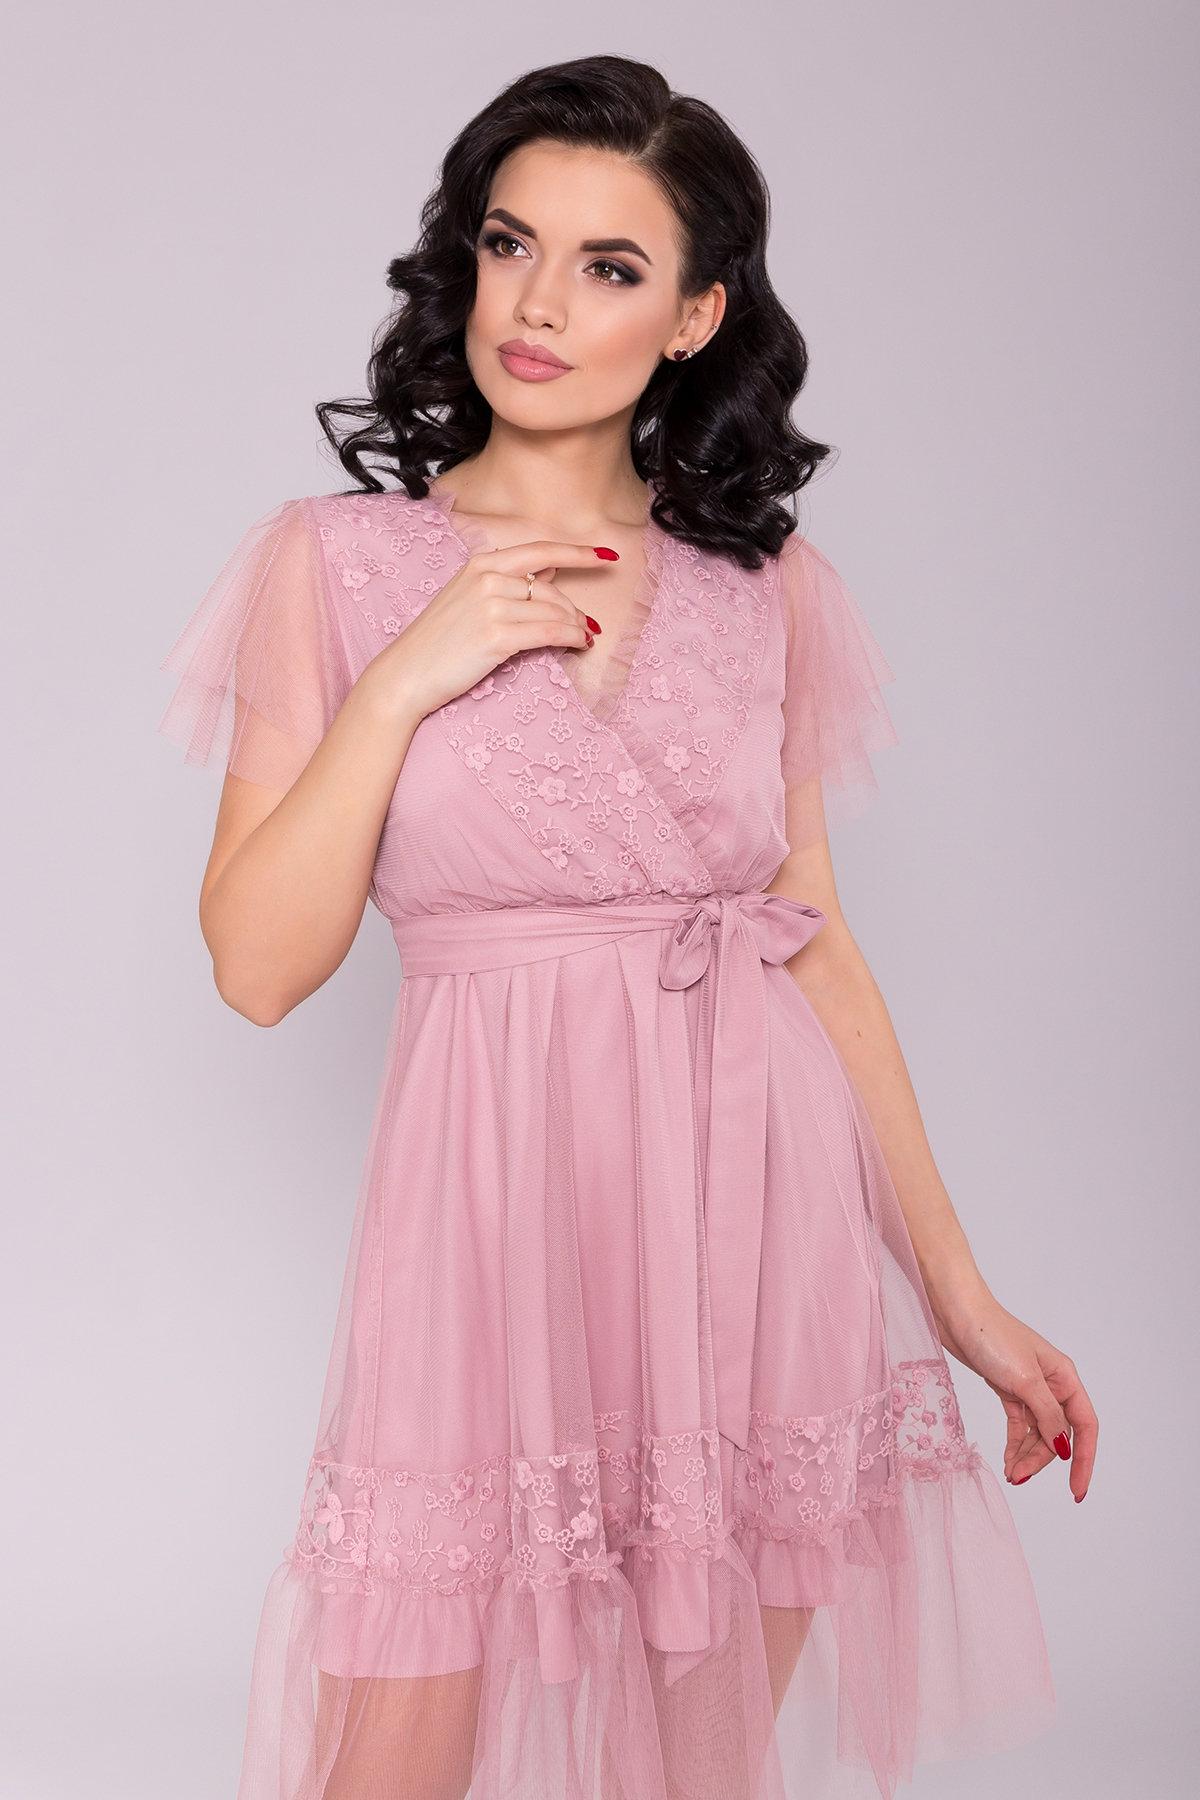 Платье Риана 6701 АРТ. 42072 Цвет: Серо-розовый 175 - фото 3, интернет магазин tm-modus.ru